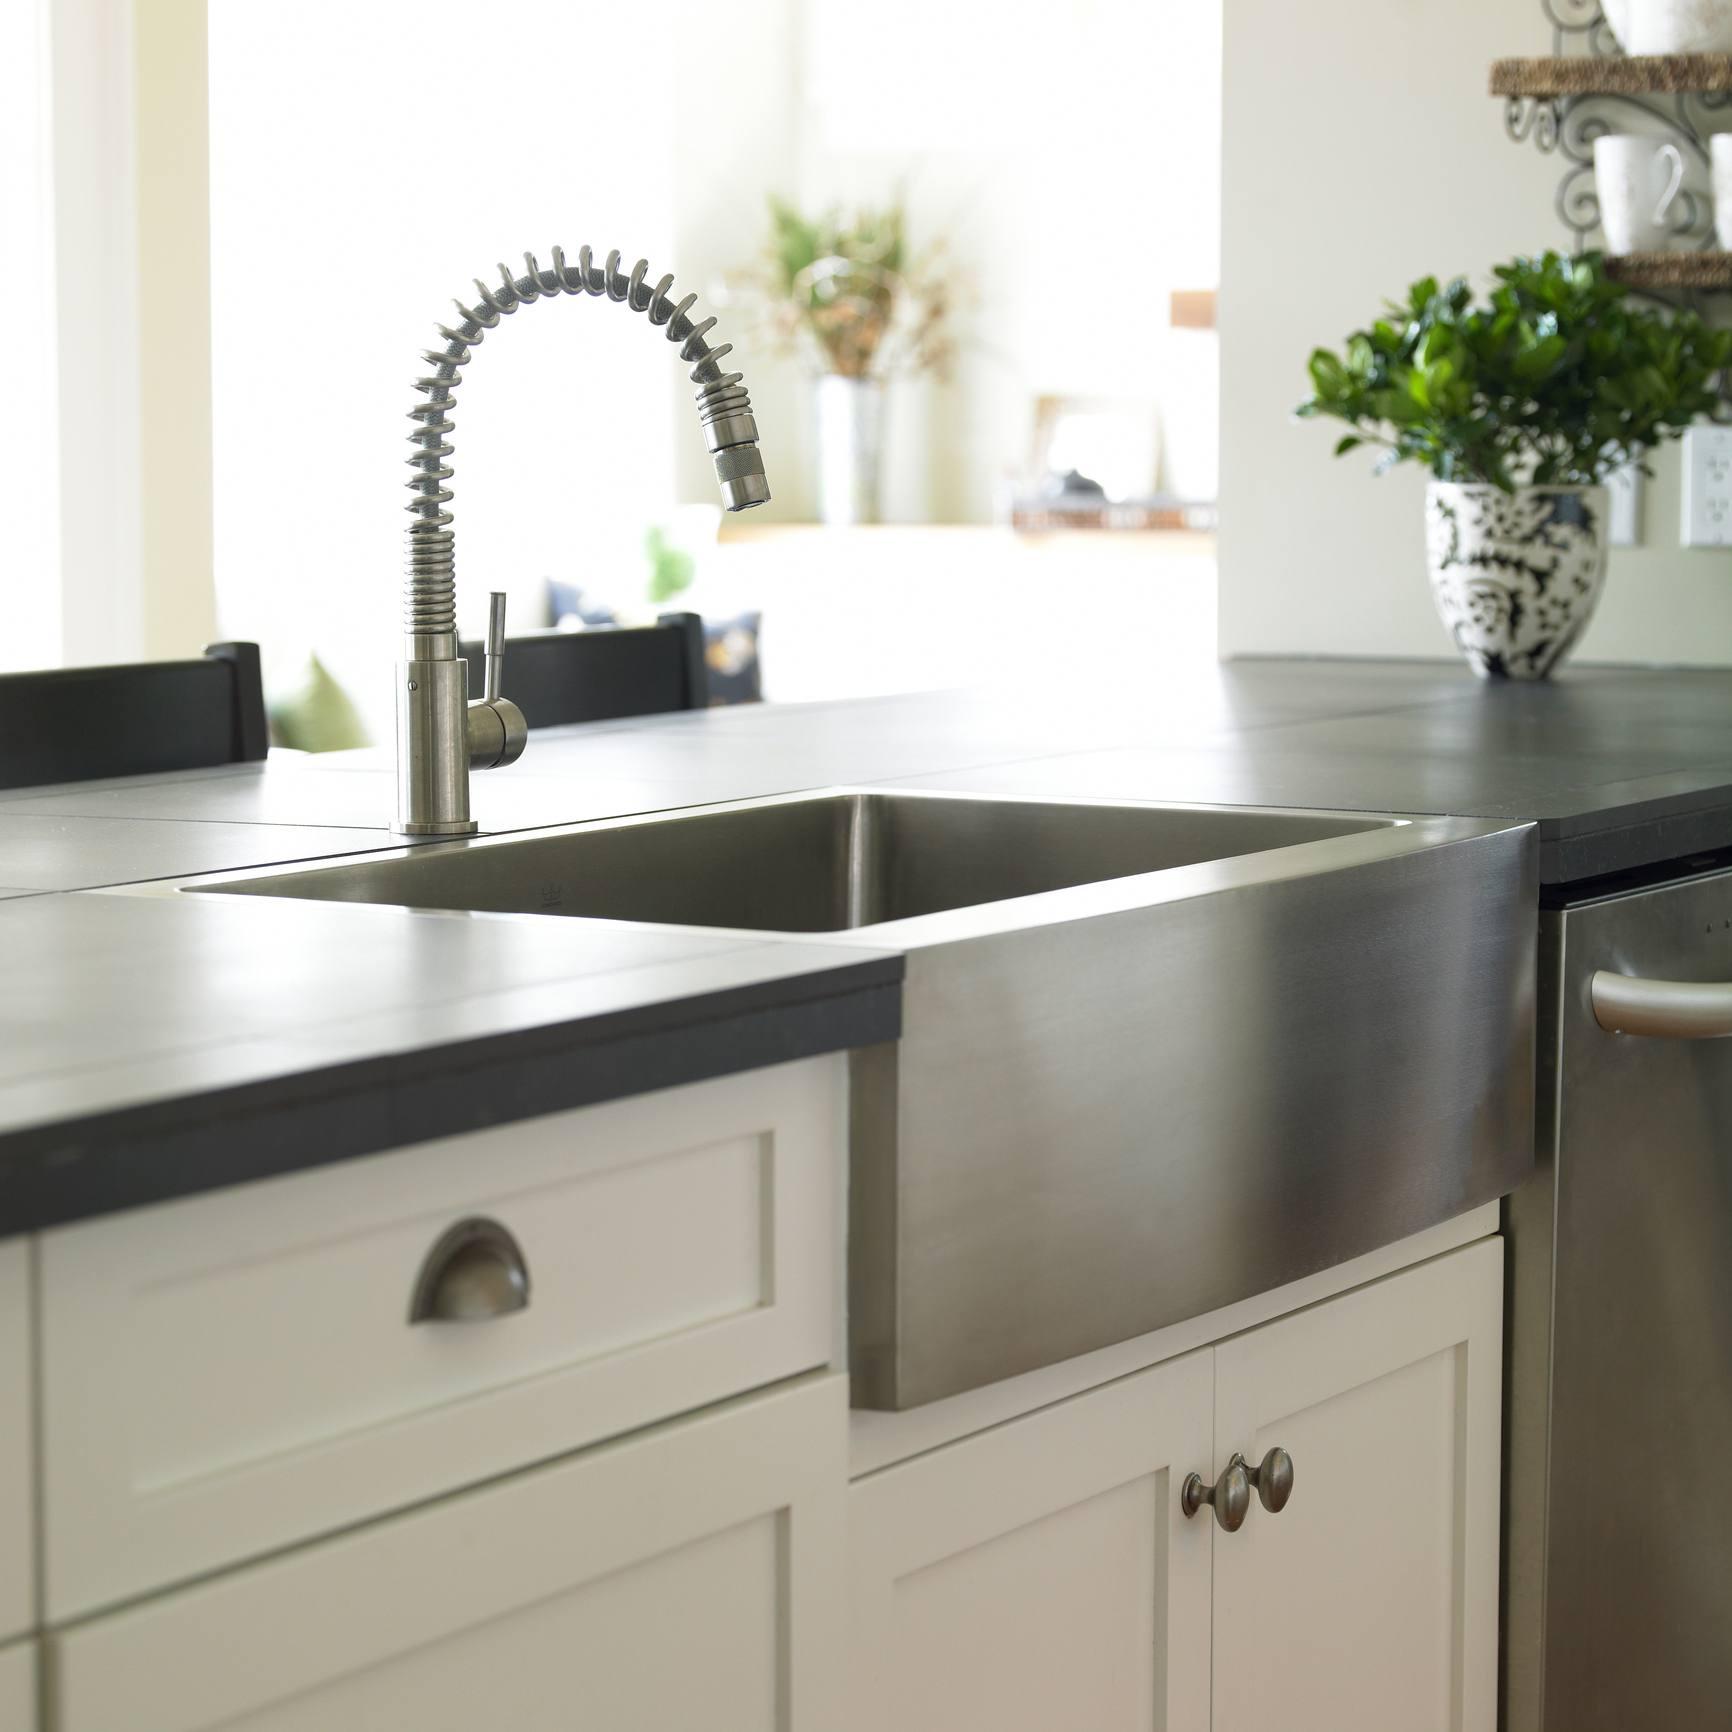 Farmhouse or apron kitchen sink